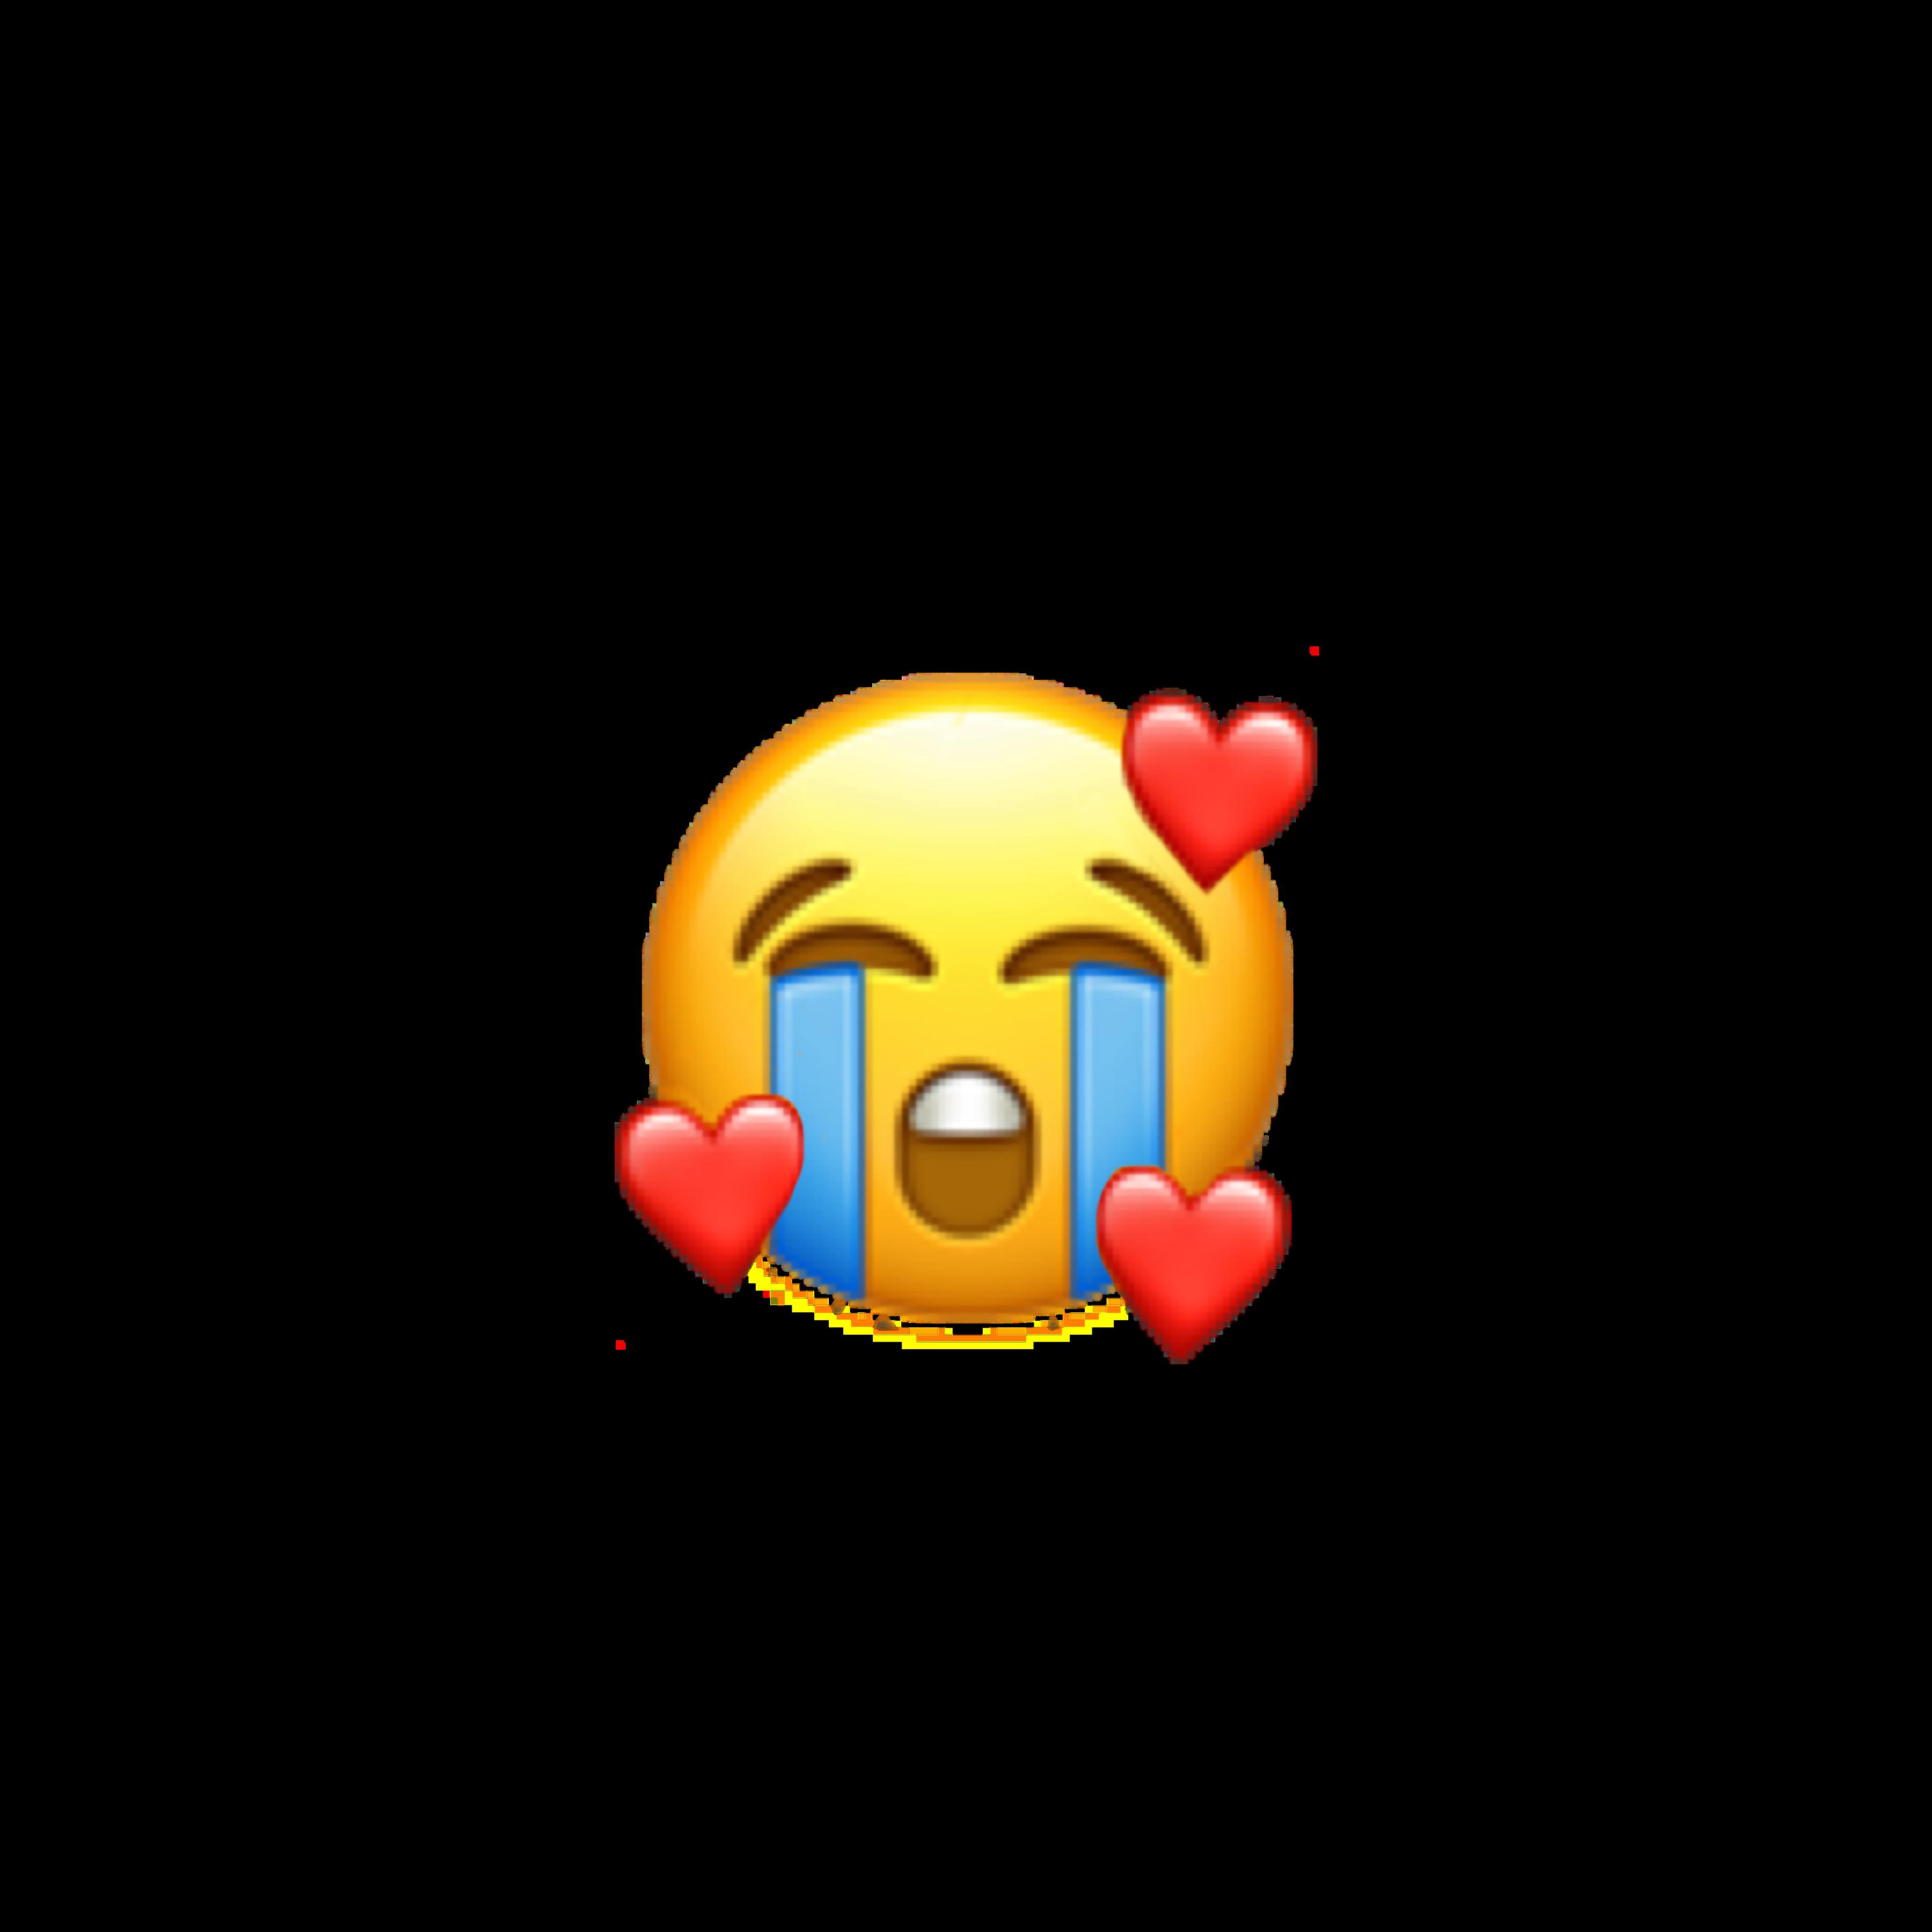 Emoji Wallpaper Iphone Cute Emoji Wallpaper Emoji Stickers